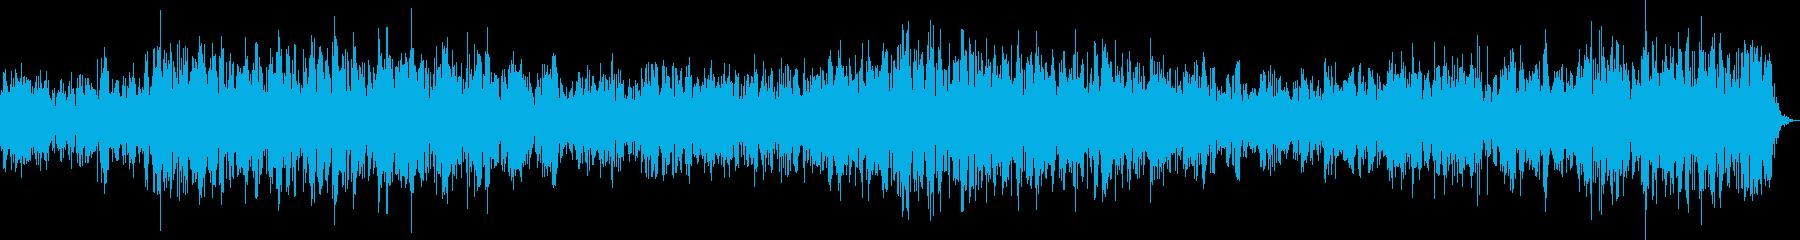 AMGその他FX 01の再生済みの波形